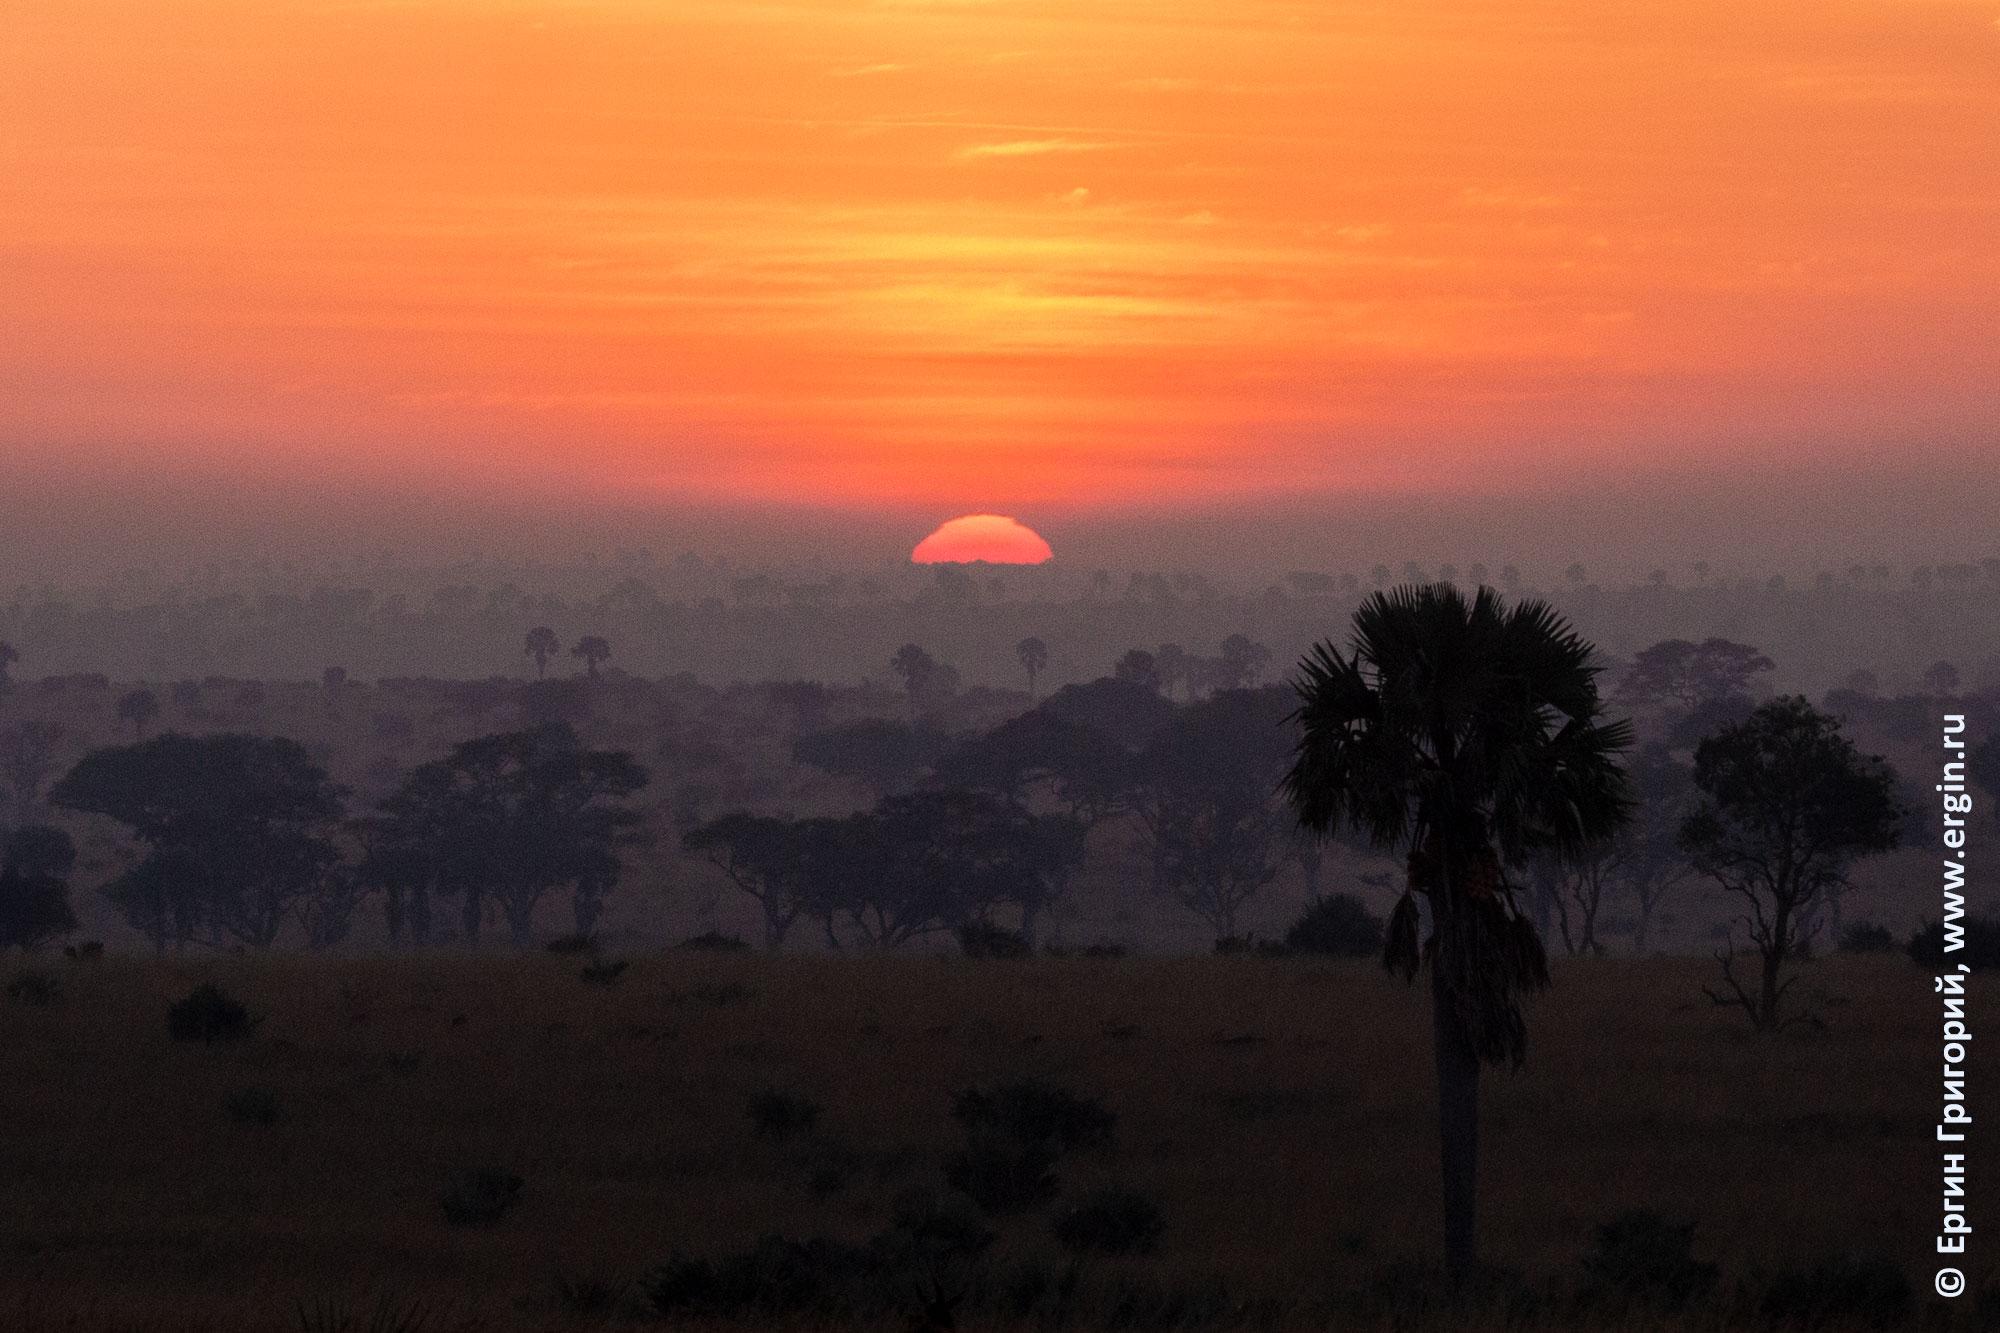 Фото настоящего рассвета над саванной в Африке Уганда